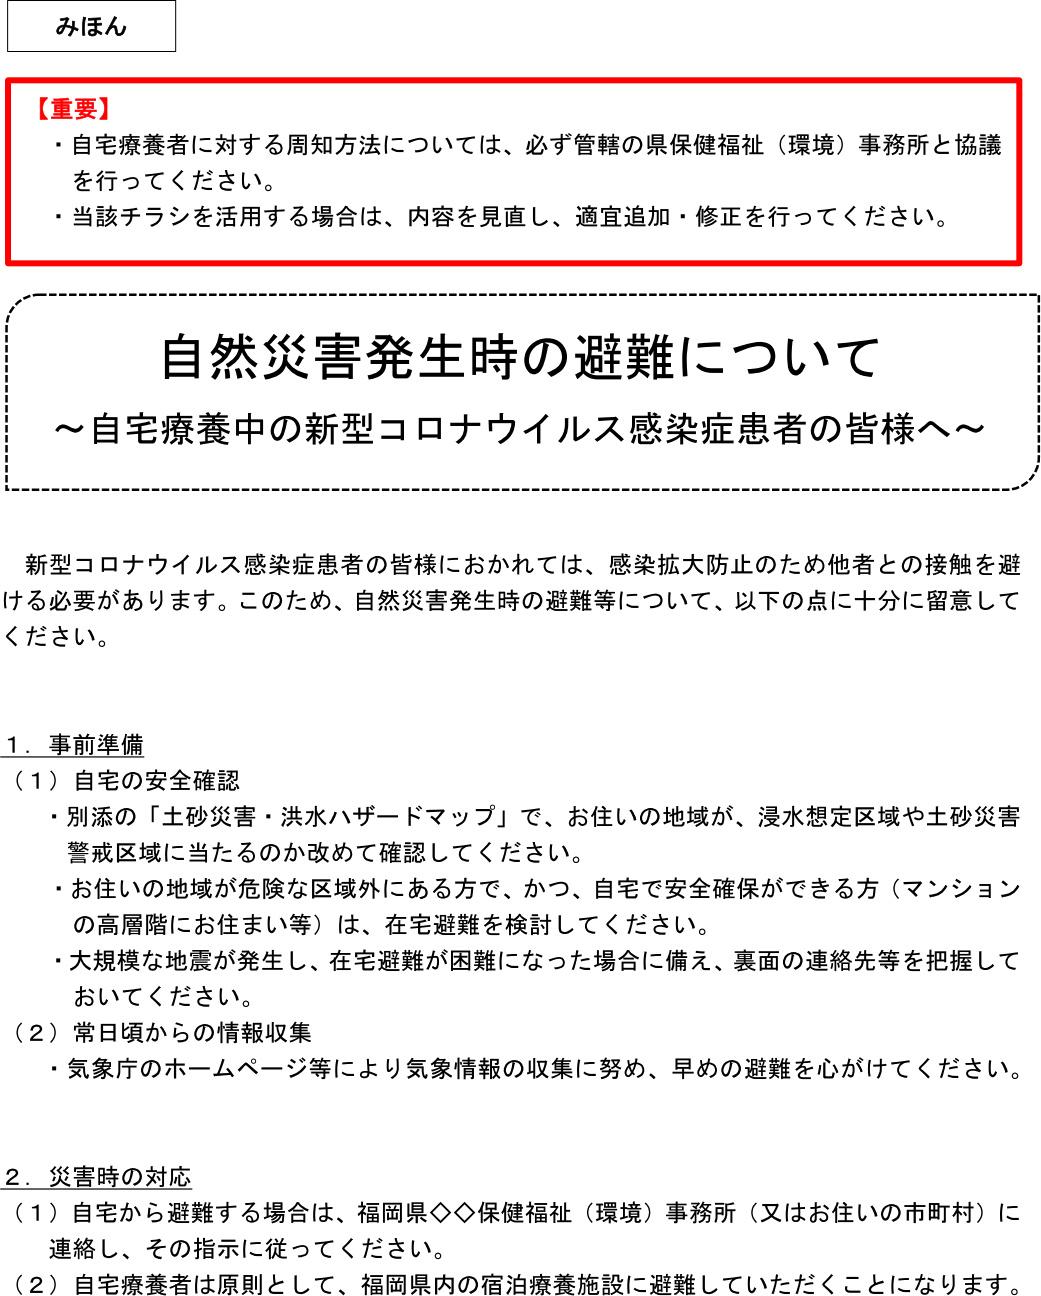 福岡 新型 コロナ 感染 者